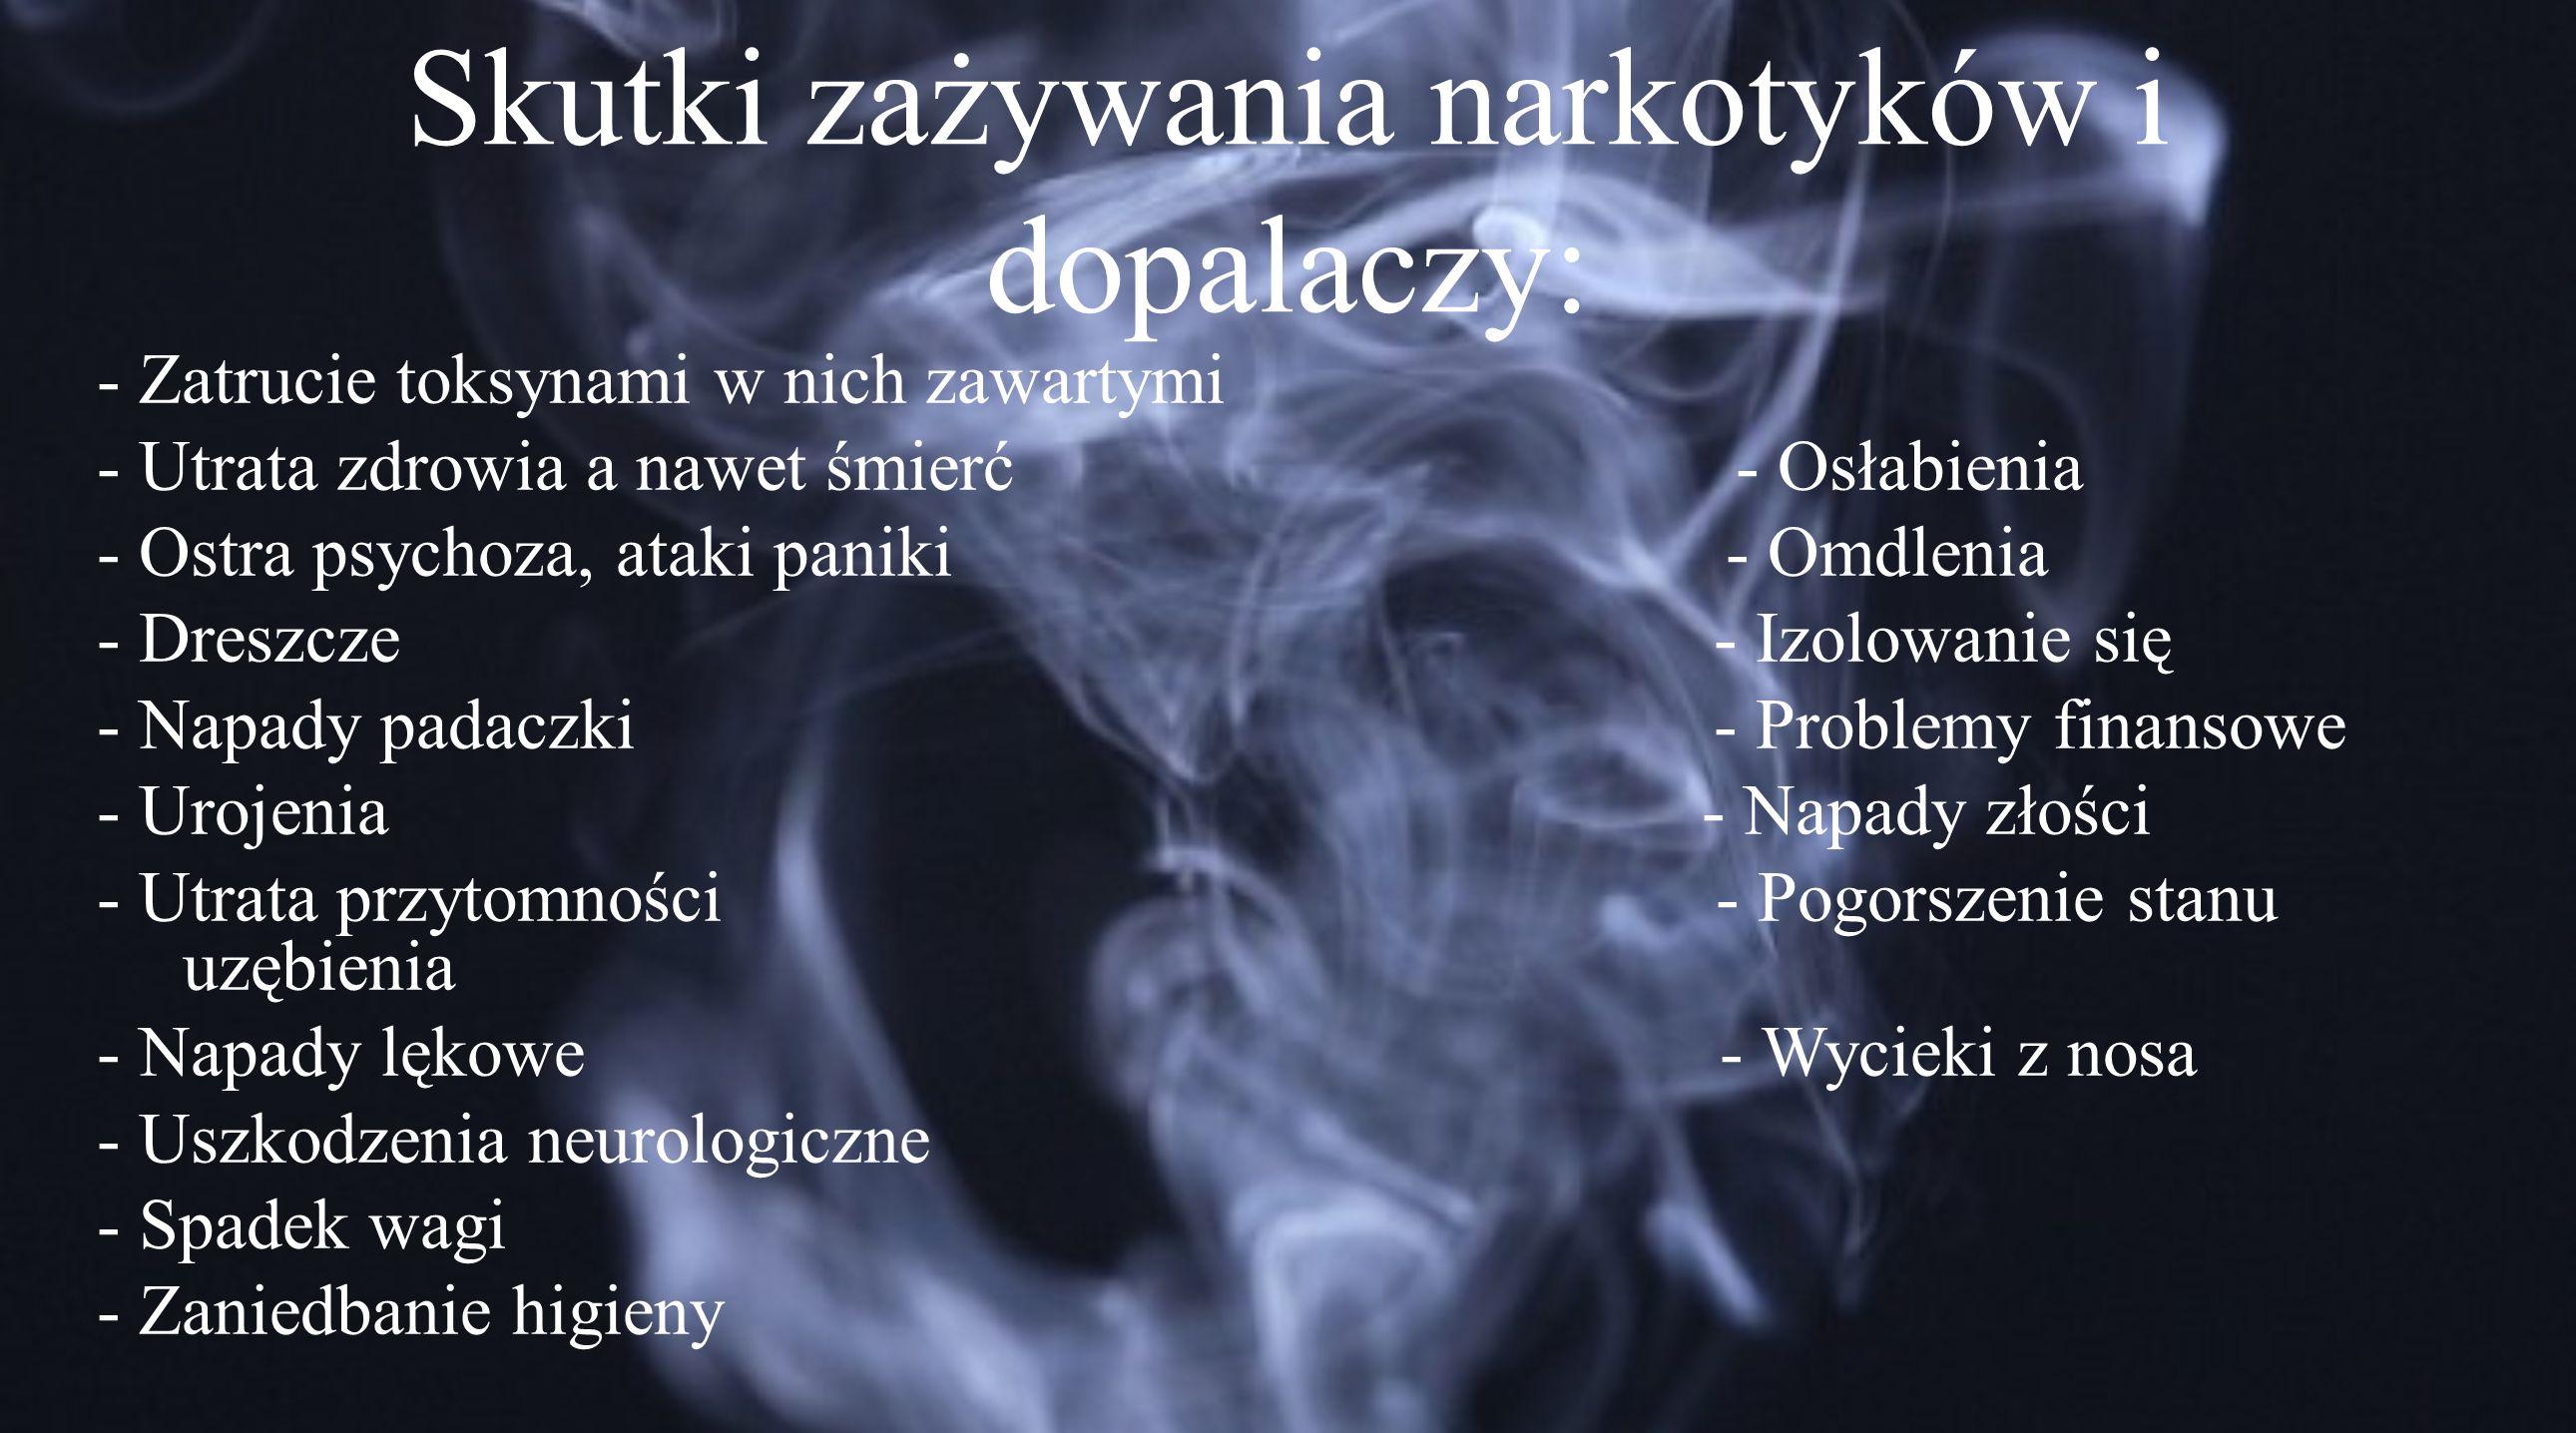 Skutki zażywania narkotyków i dopalaczy: - Zatrucie toksynami w nich zawartymi - Utrata zdrowia a nawet śmierć - Osłabienia - Ostra psychoza, ataki paniki - Omdlenia - Dreszcze - Izolowanie się - Napady padaczki - Problemy finansowe - Urojenia - Napady złości - Utrata przytomności - Pogorszenie stanu uzębienia - Napady lękowe - Wycieki z nosa - Uszkodzenia neurologiczne - Spadek wagi - Zaniedbanie higieny